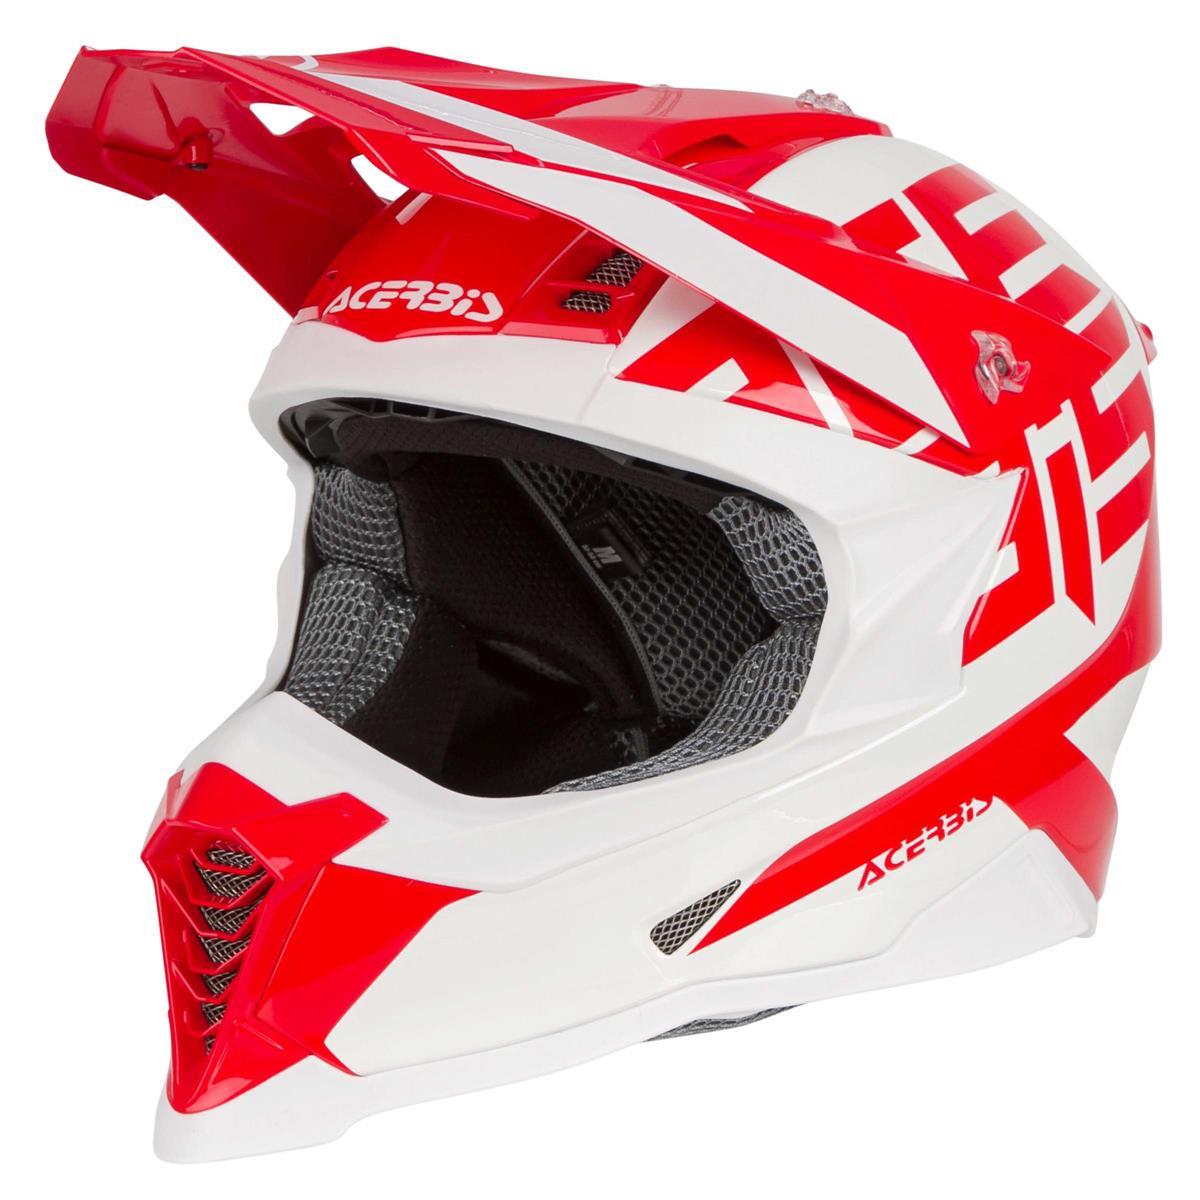 Acerbis Helm X Racer VTR Rot/Weiß